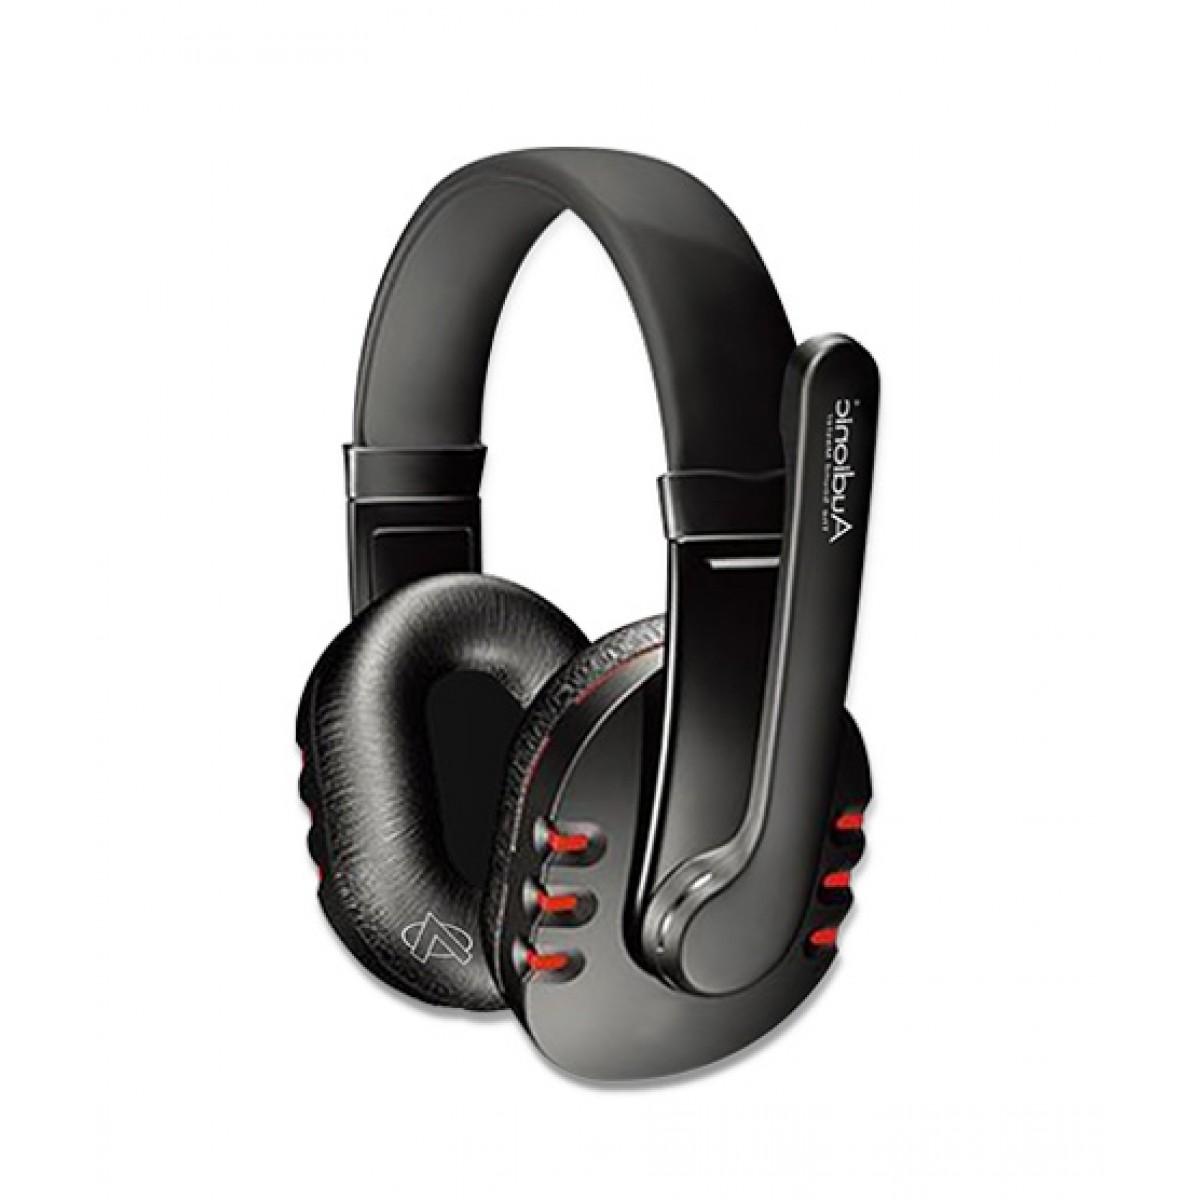 c8a853efe59 Audionic Studio 4 Over-Ear Headphone Price in Pakistan | Buy Audionic  Studio 4 Headphone | iShopping.pk